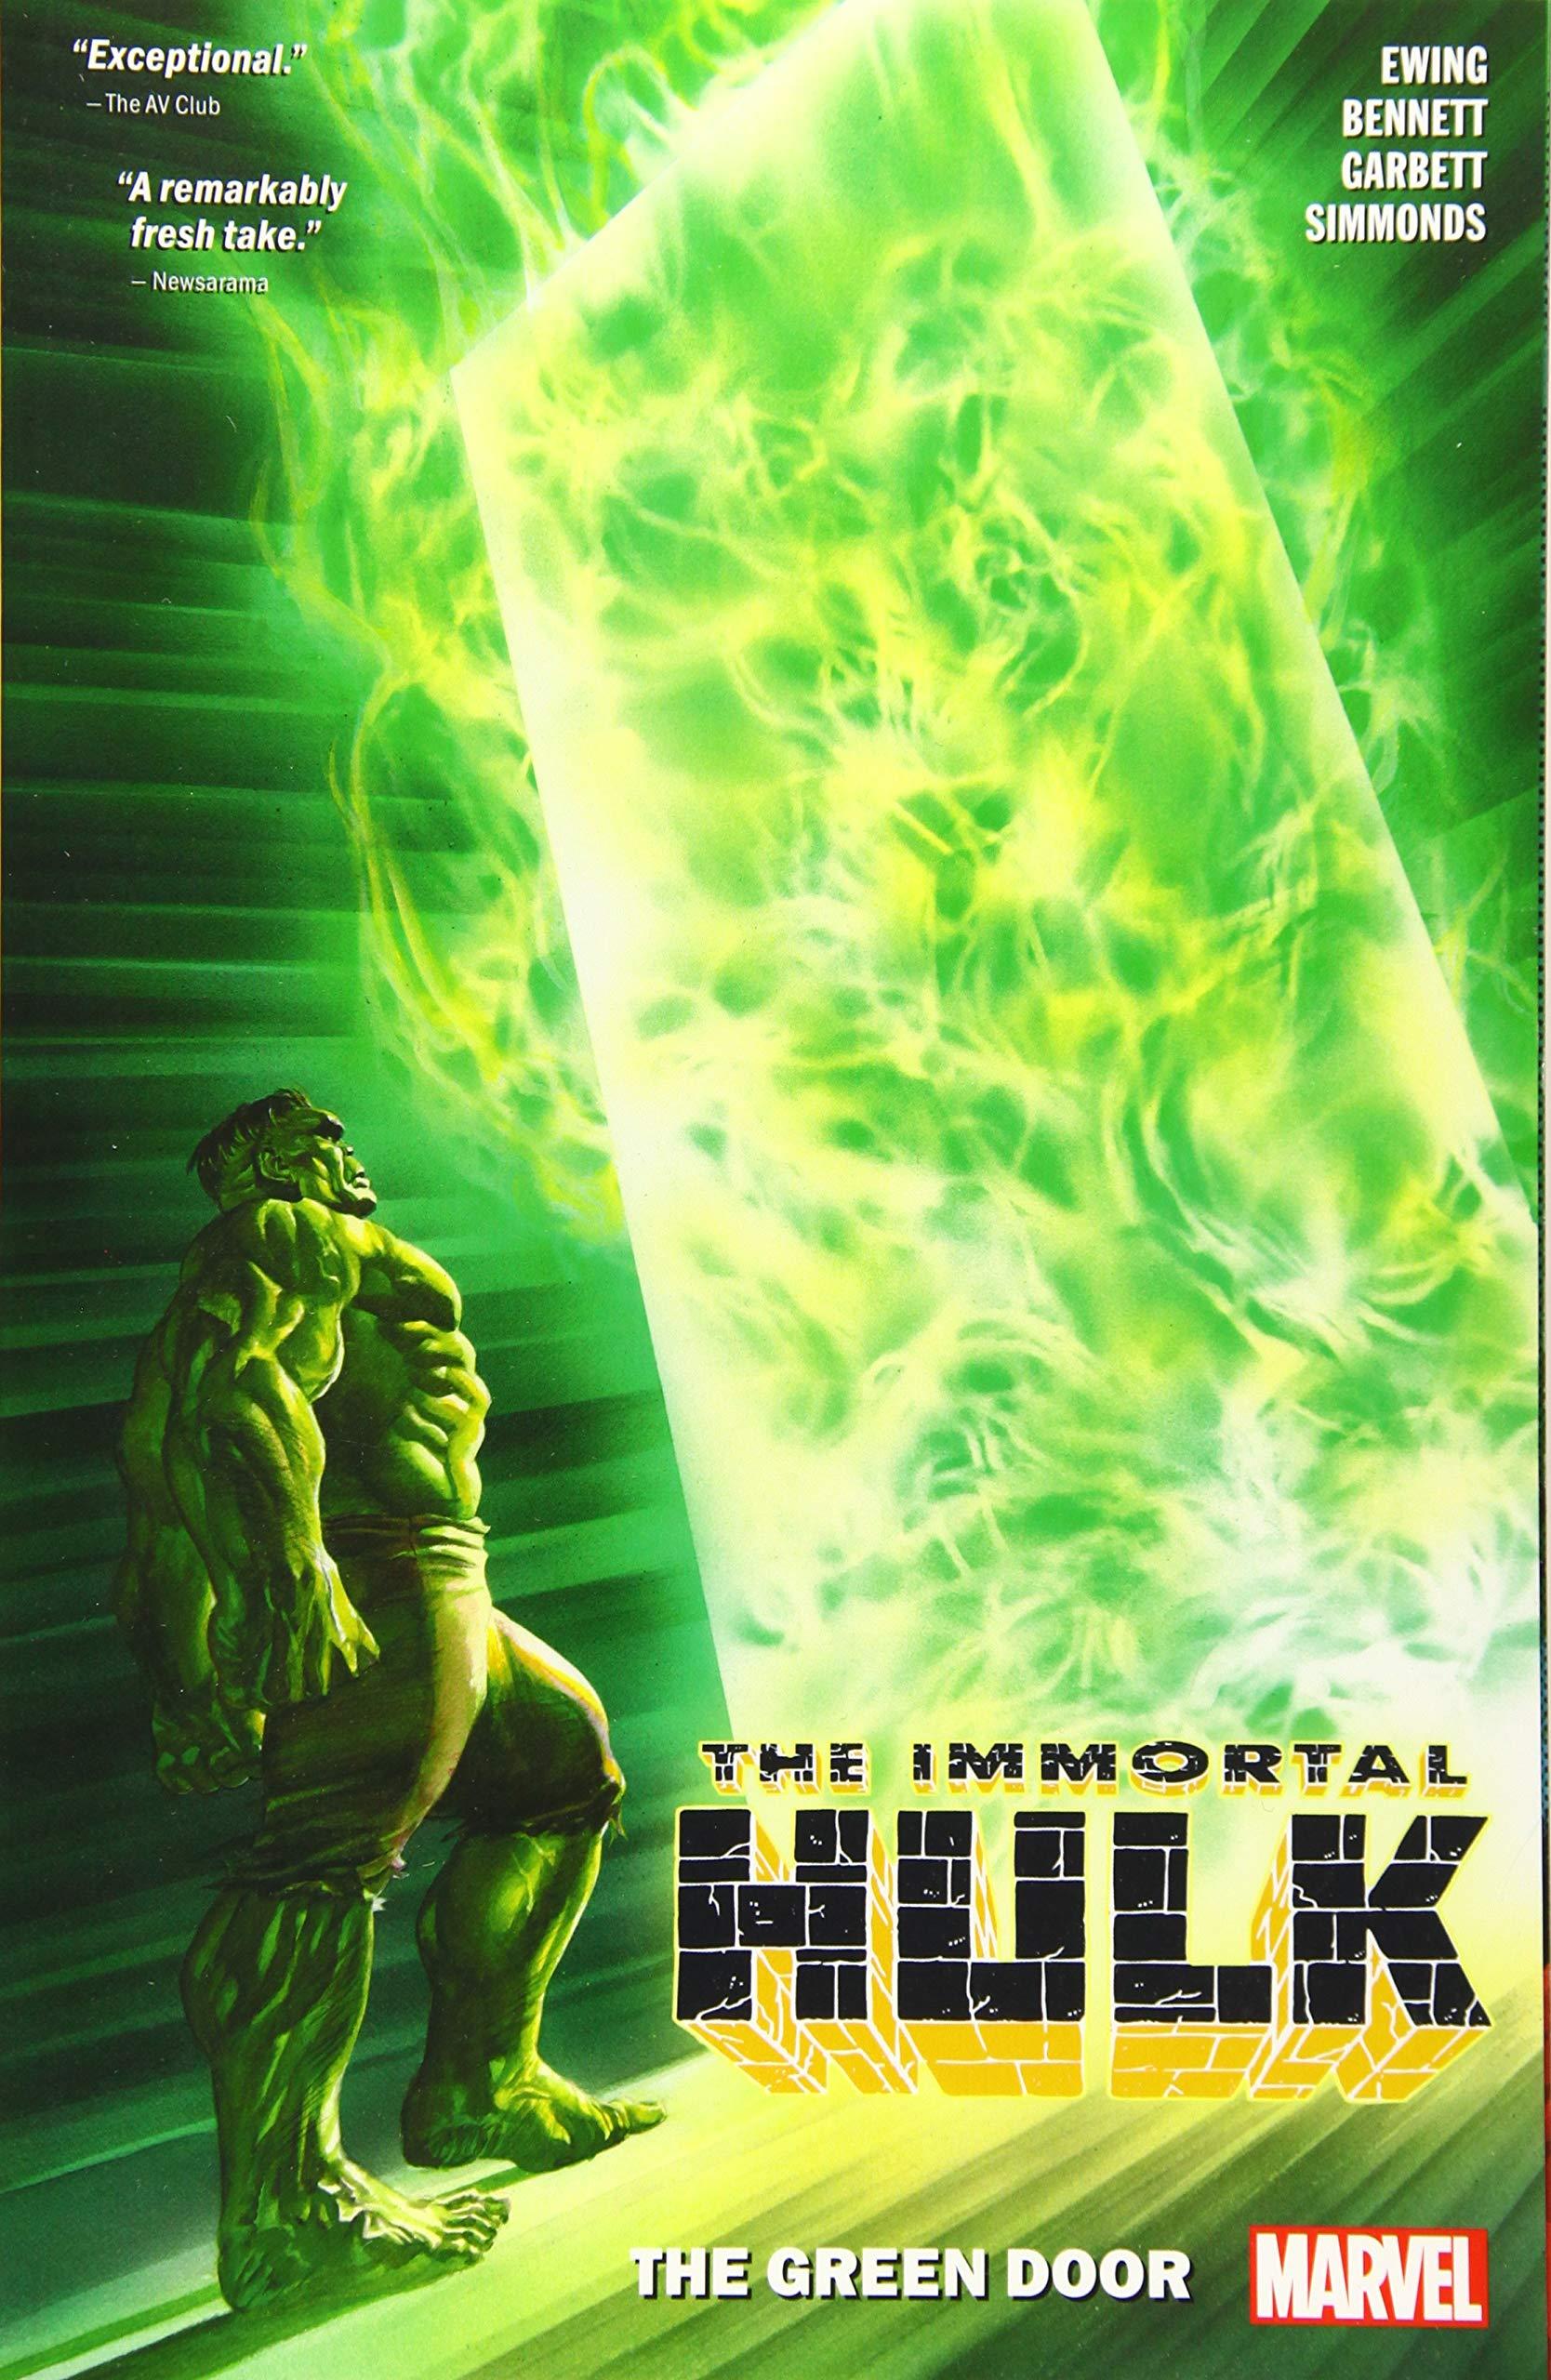 Immortal Hulk, Vol. 2: The Green Door by Al Ewing, Lee Garbett